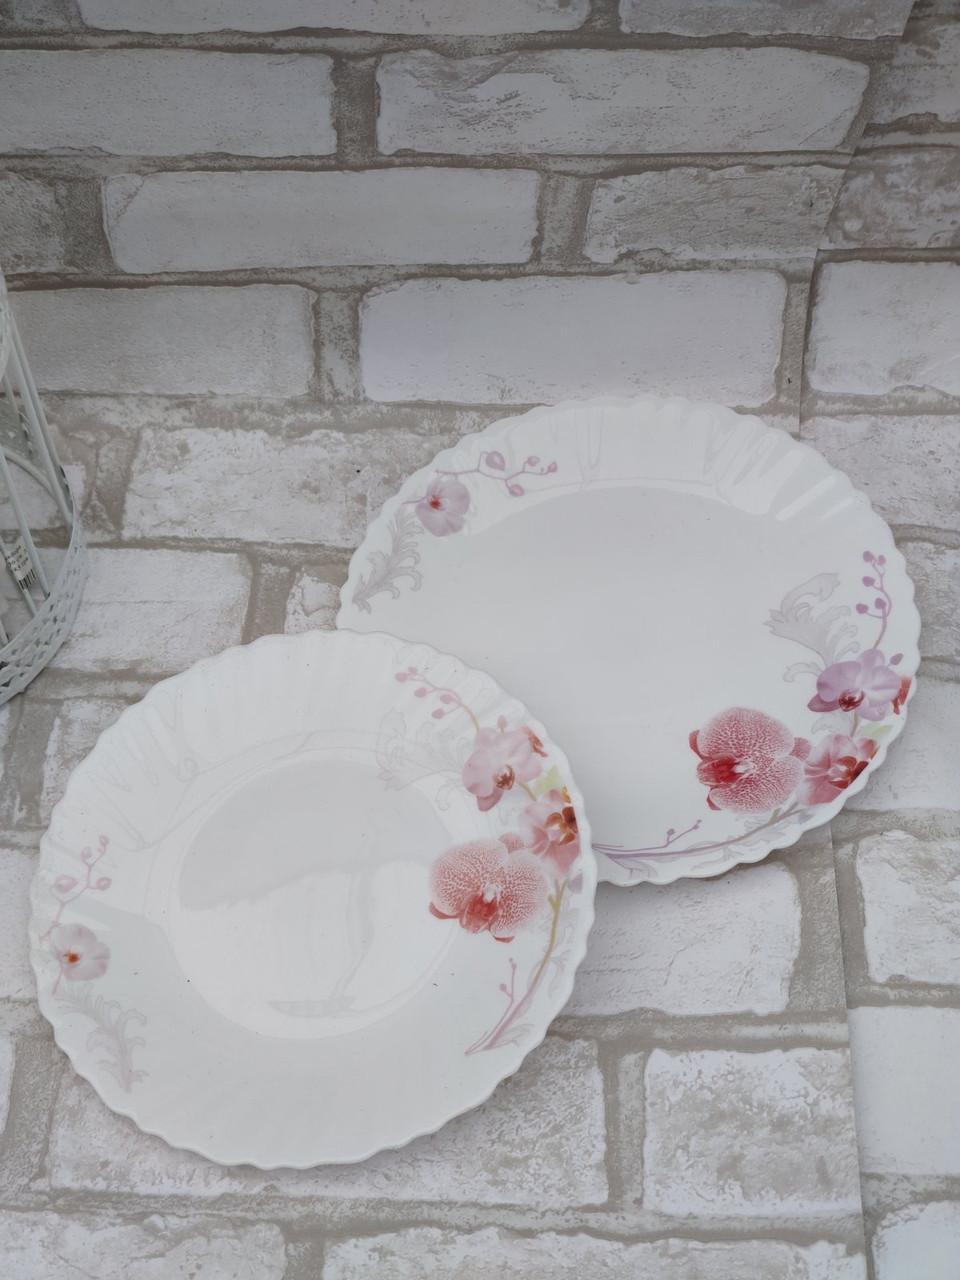 Тарілка закусочна із склокераміки декорована орхідеєю, діаметр 19 см(продаж лише упаковками, 6шт/уп)